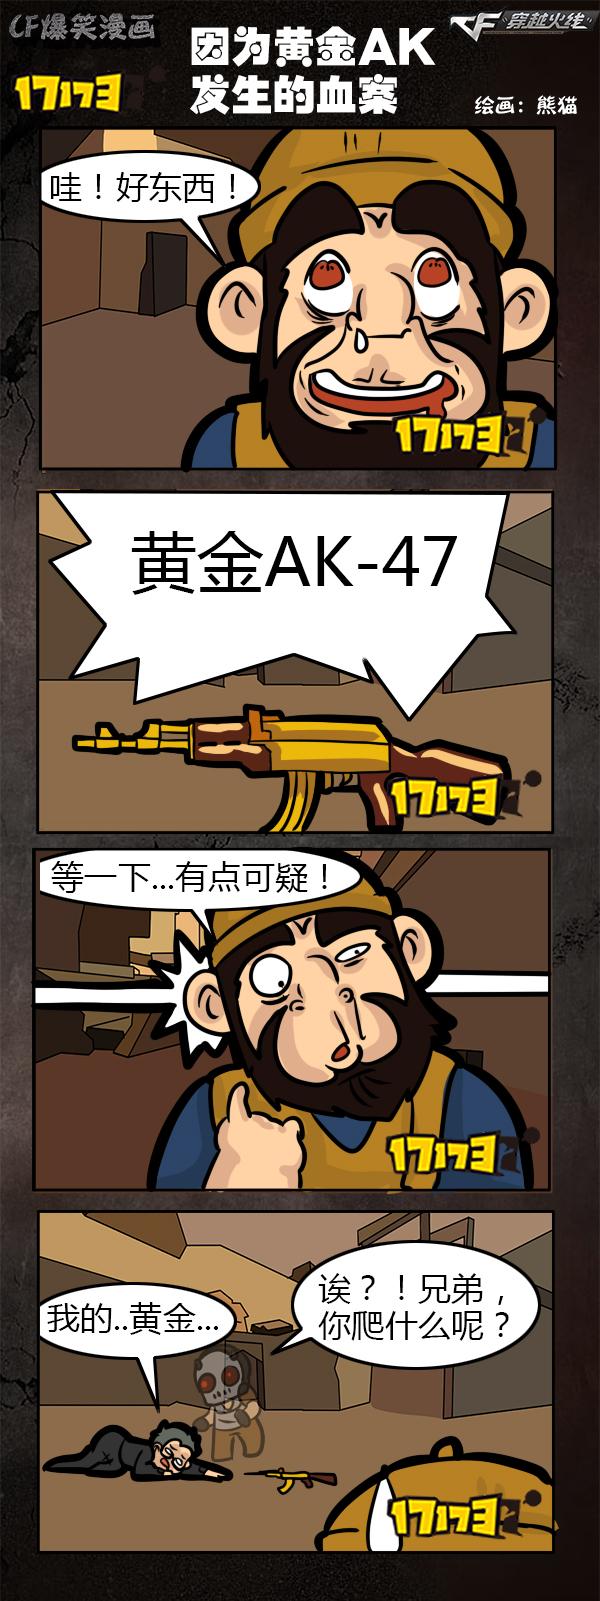 5-4 副本.JPG